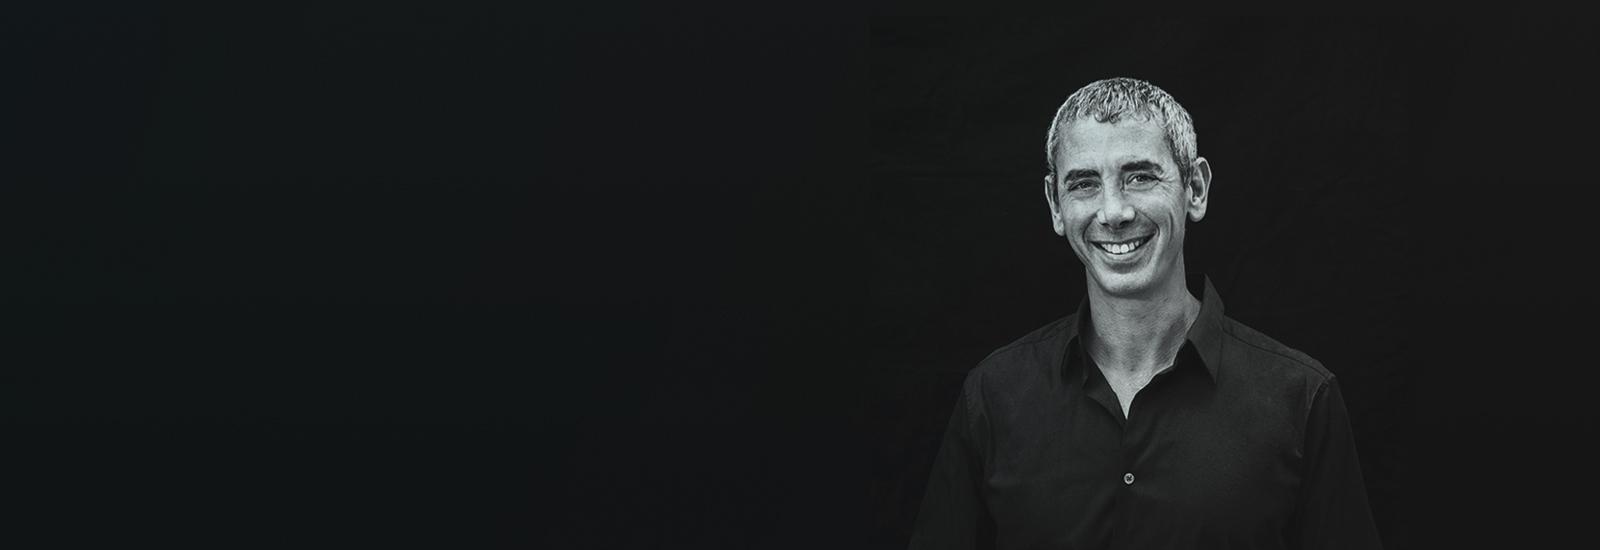 Vika Talks, Episode 2 – Steven Kotler